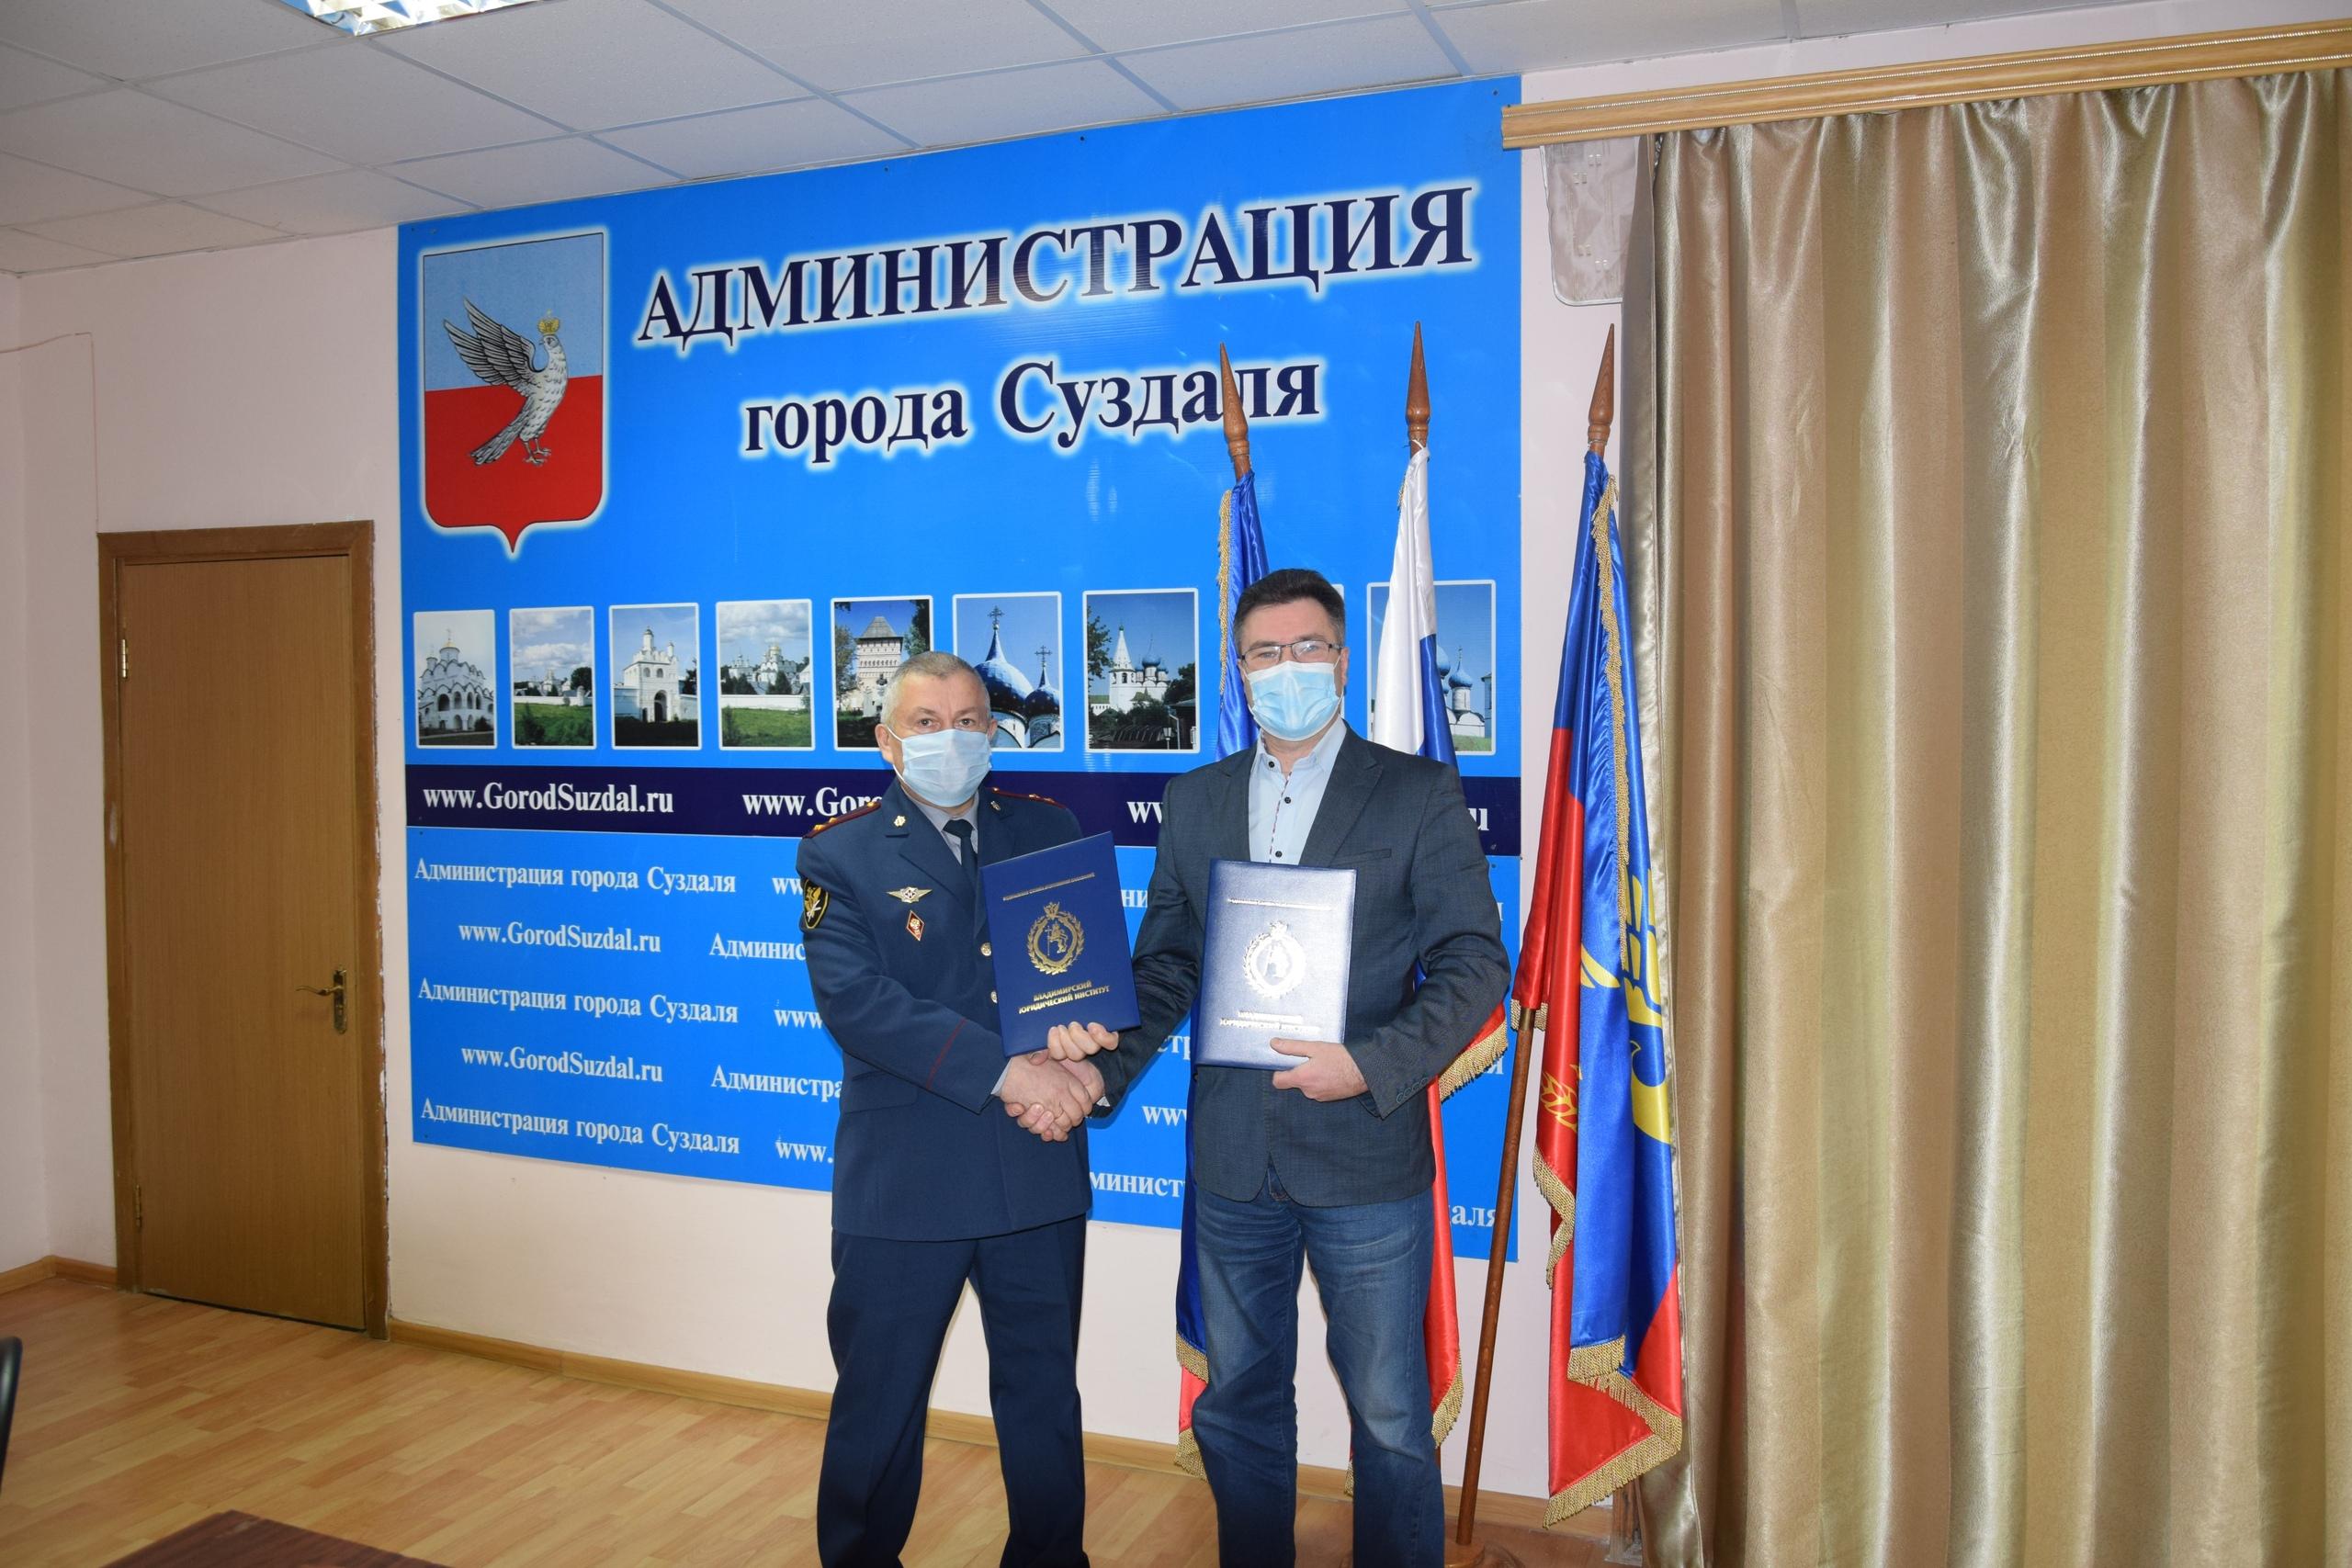 Подписано соглашение между ВЮИ ФСИН России и администрацией города Суздаля